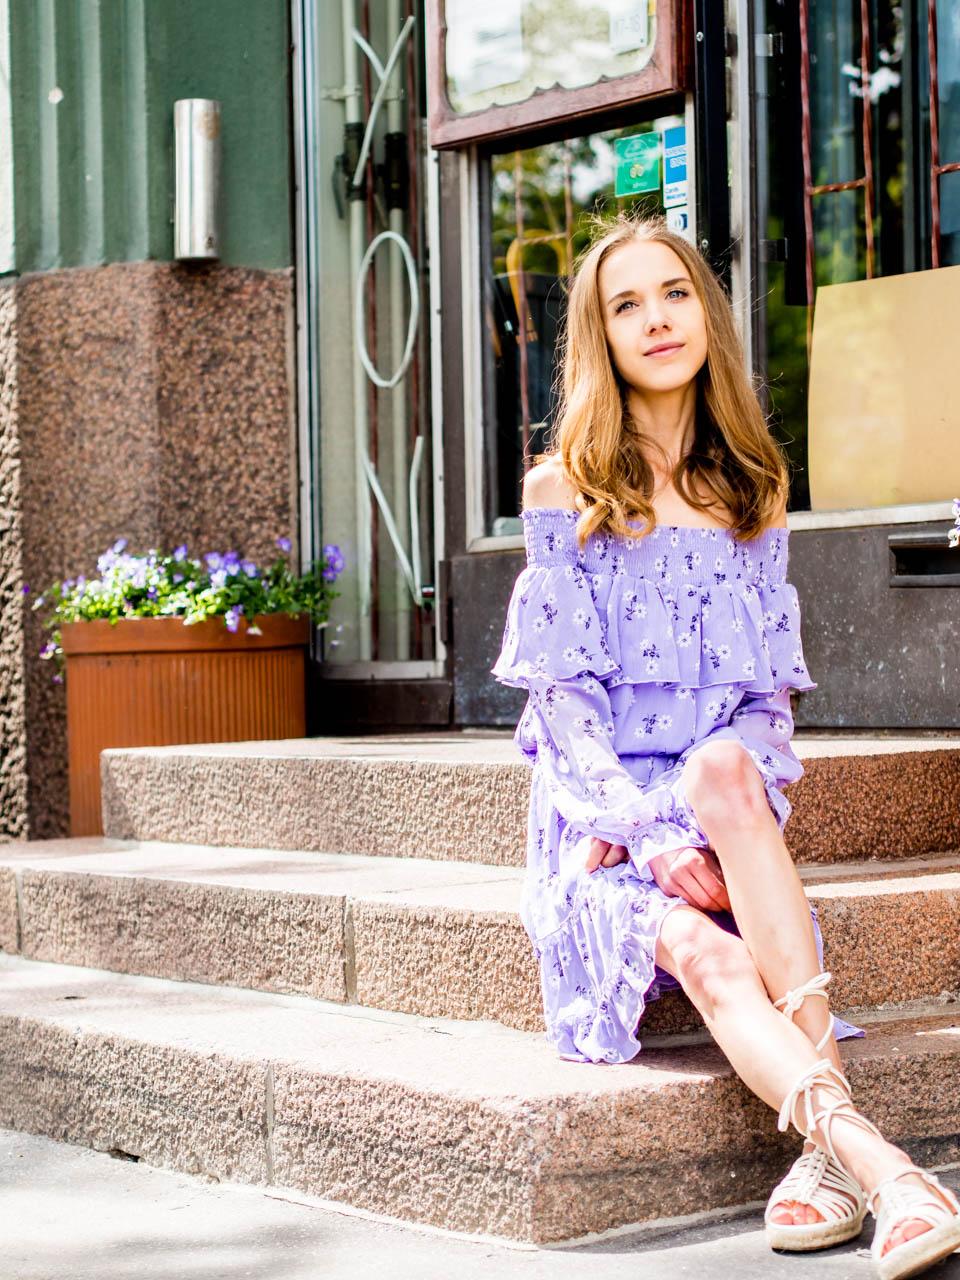 fashion-blogger-summer-dress-outfit-inspiration-florals-bikbok-kesämekko-kesämuoti-kukkamekko-muotiblogi-bloggaaja-helsinki-asuinspiraatio